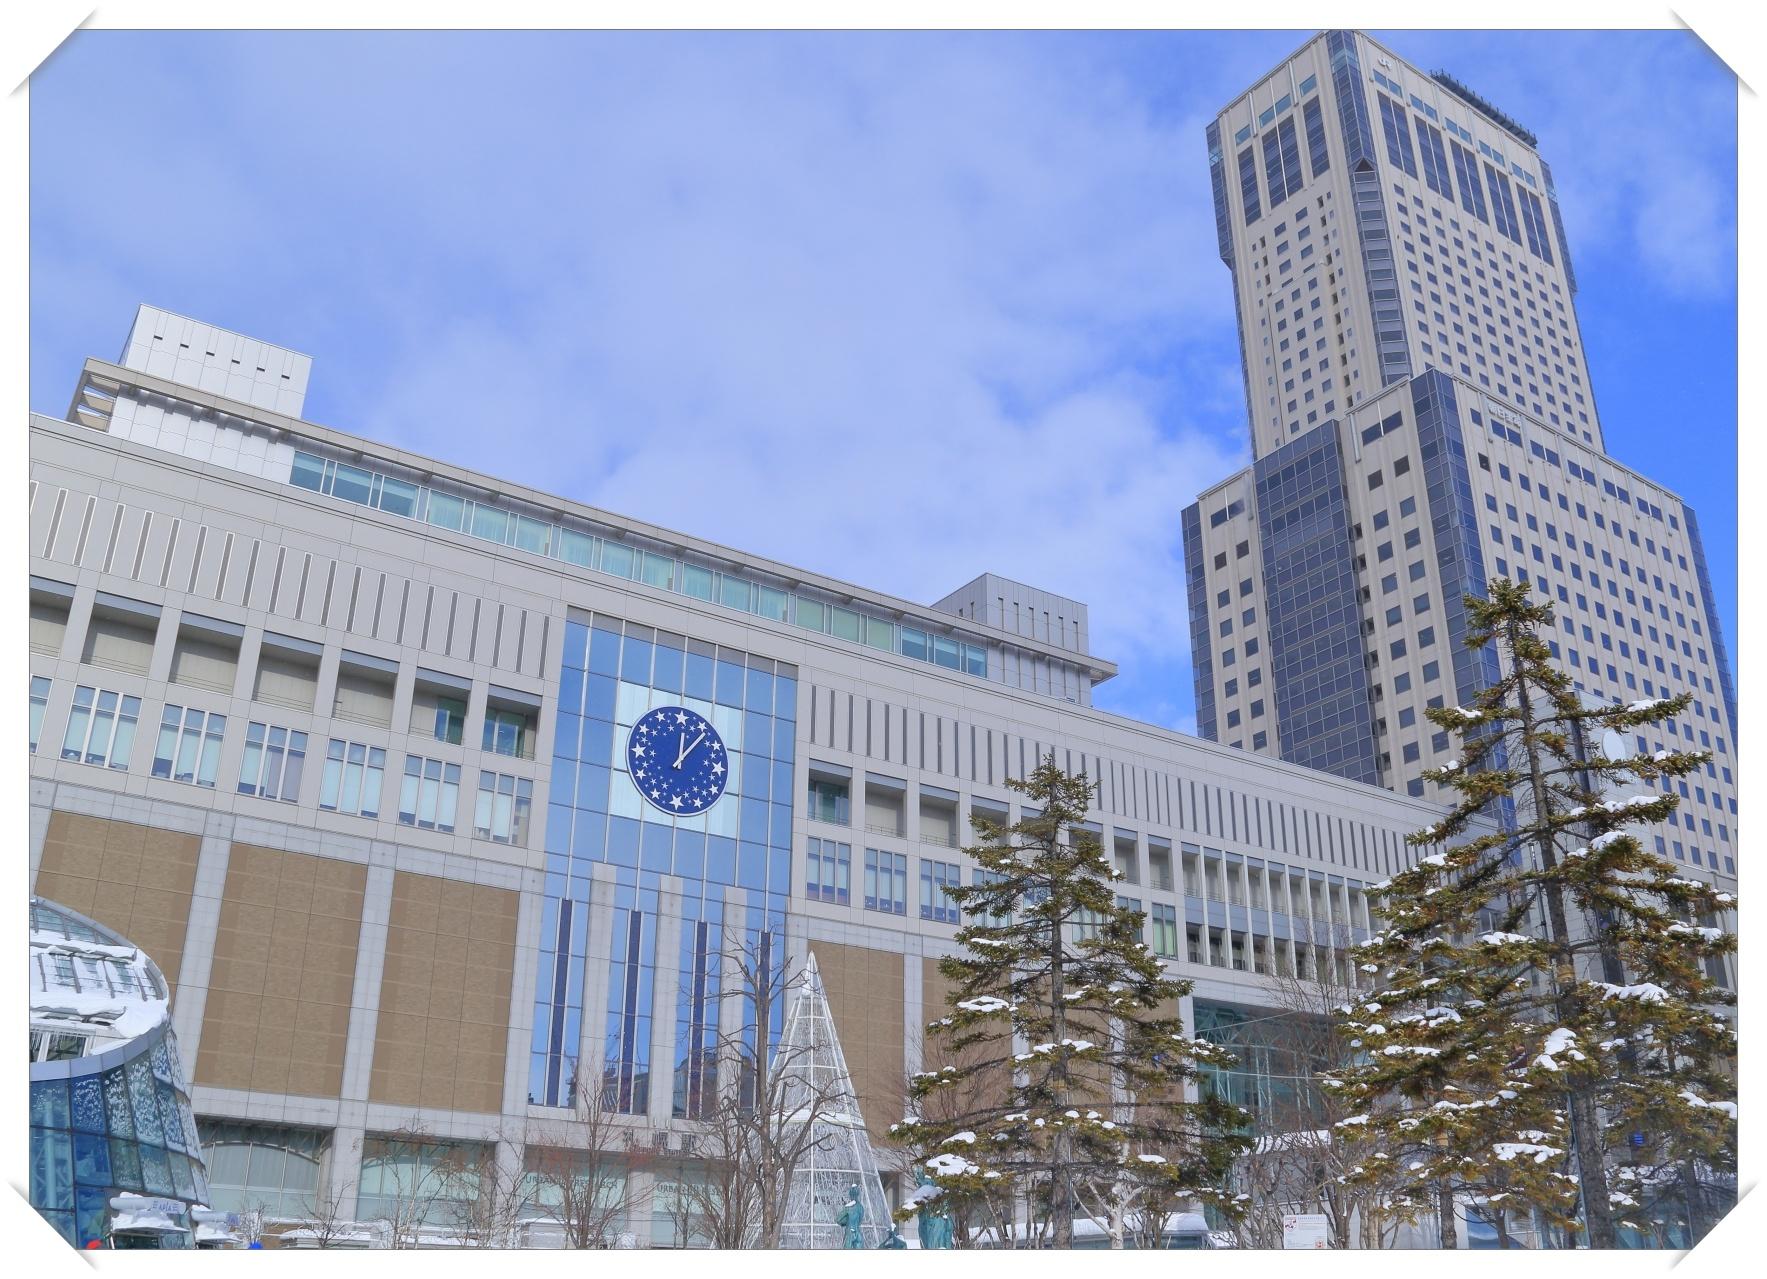 友人少なめ、ぼっちな私も楽しめる冬の札幌!時計台やテレビ塔など2